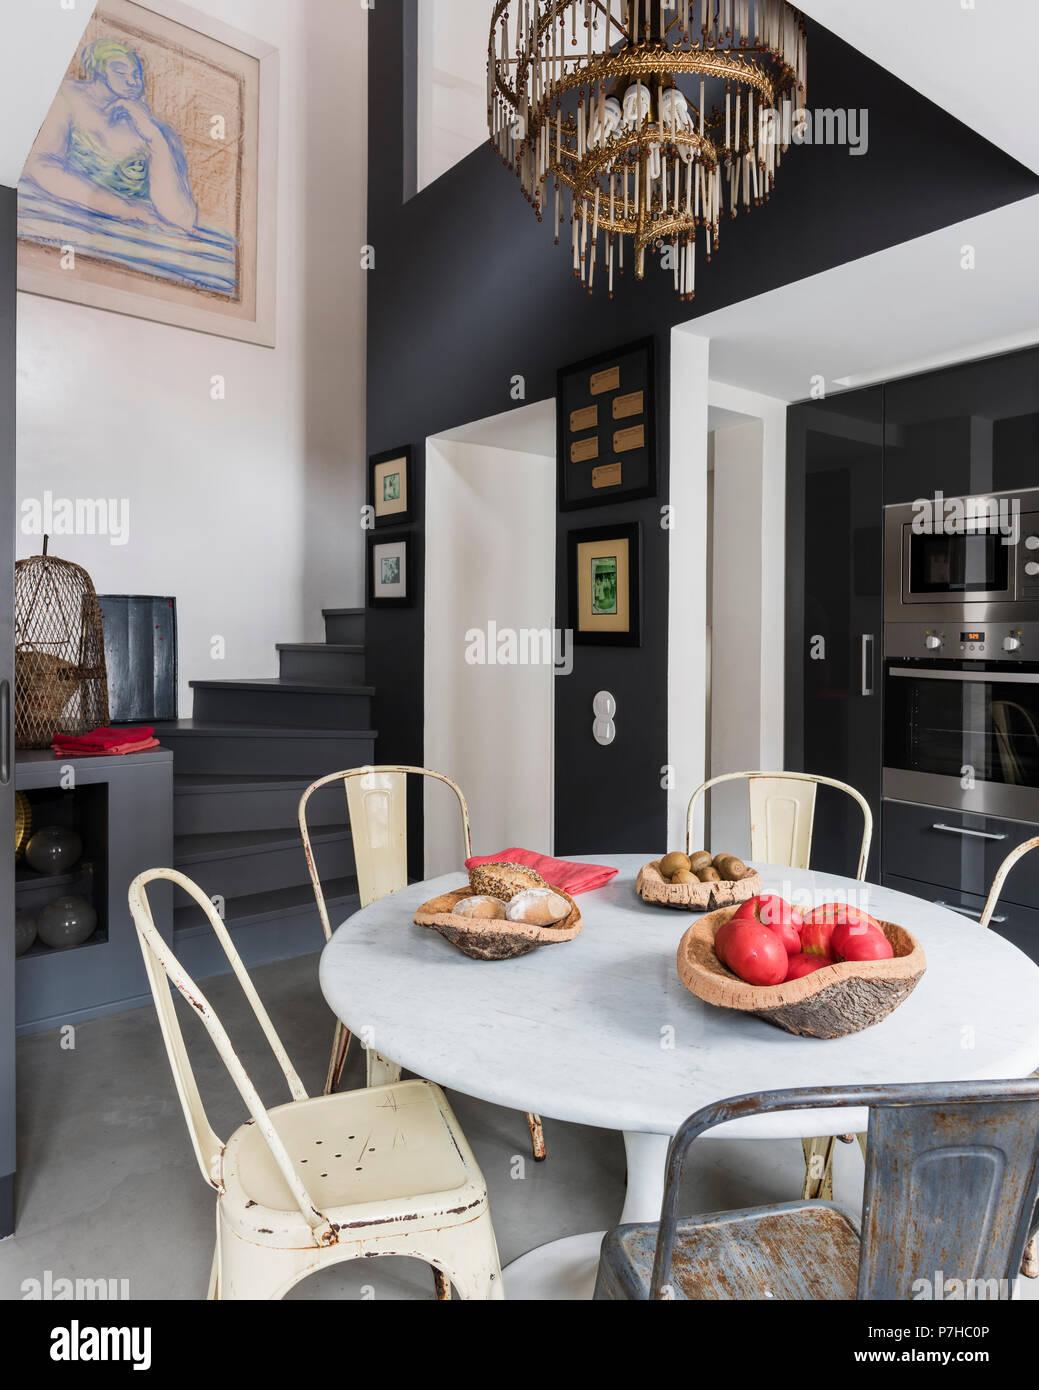 Comedor en plan abierto moderno apartamento con metal vintage Tolix sillas  de comedor y mesa con 135282155f9b